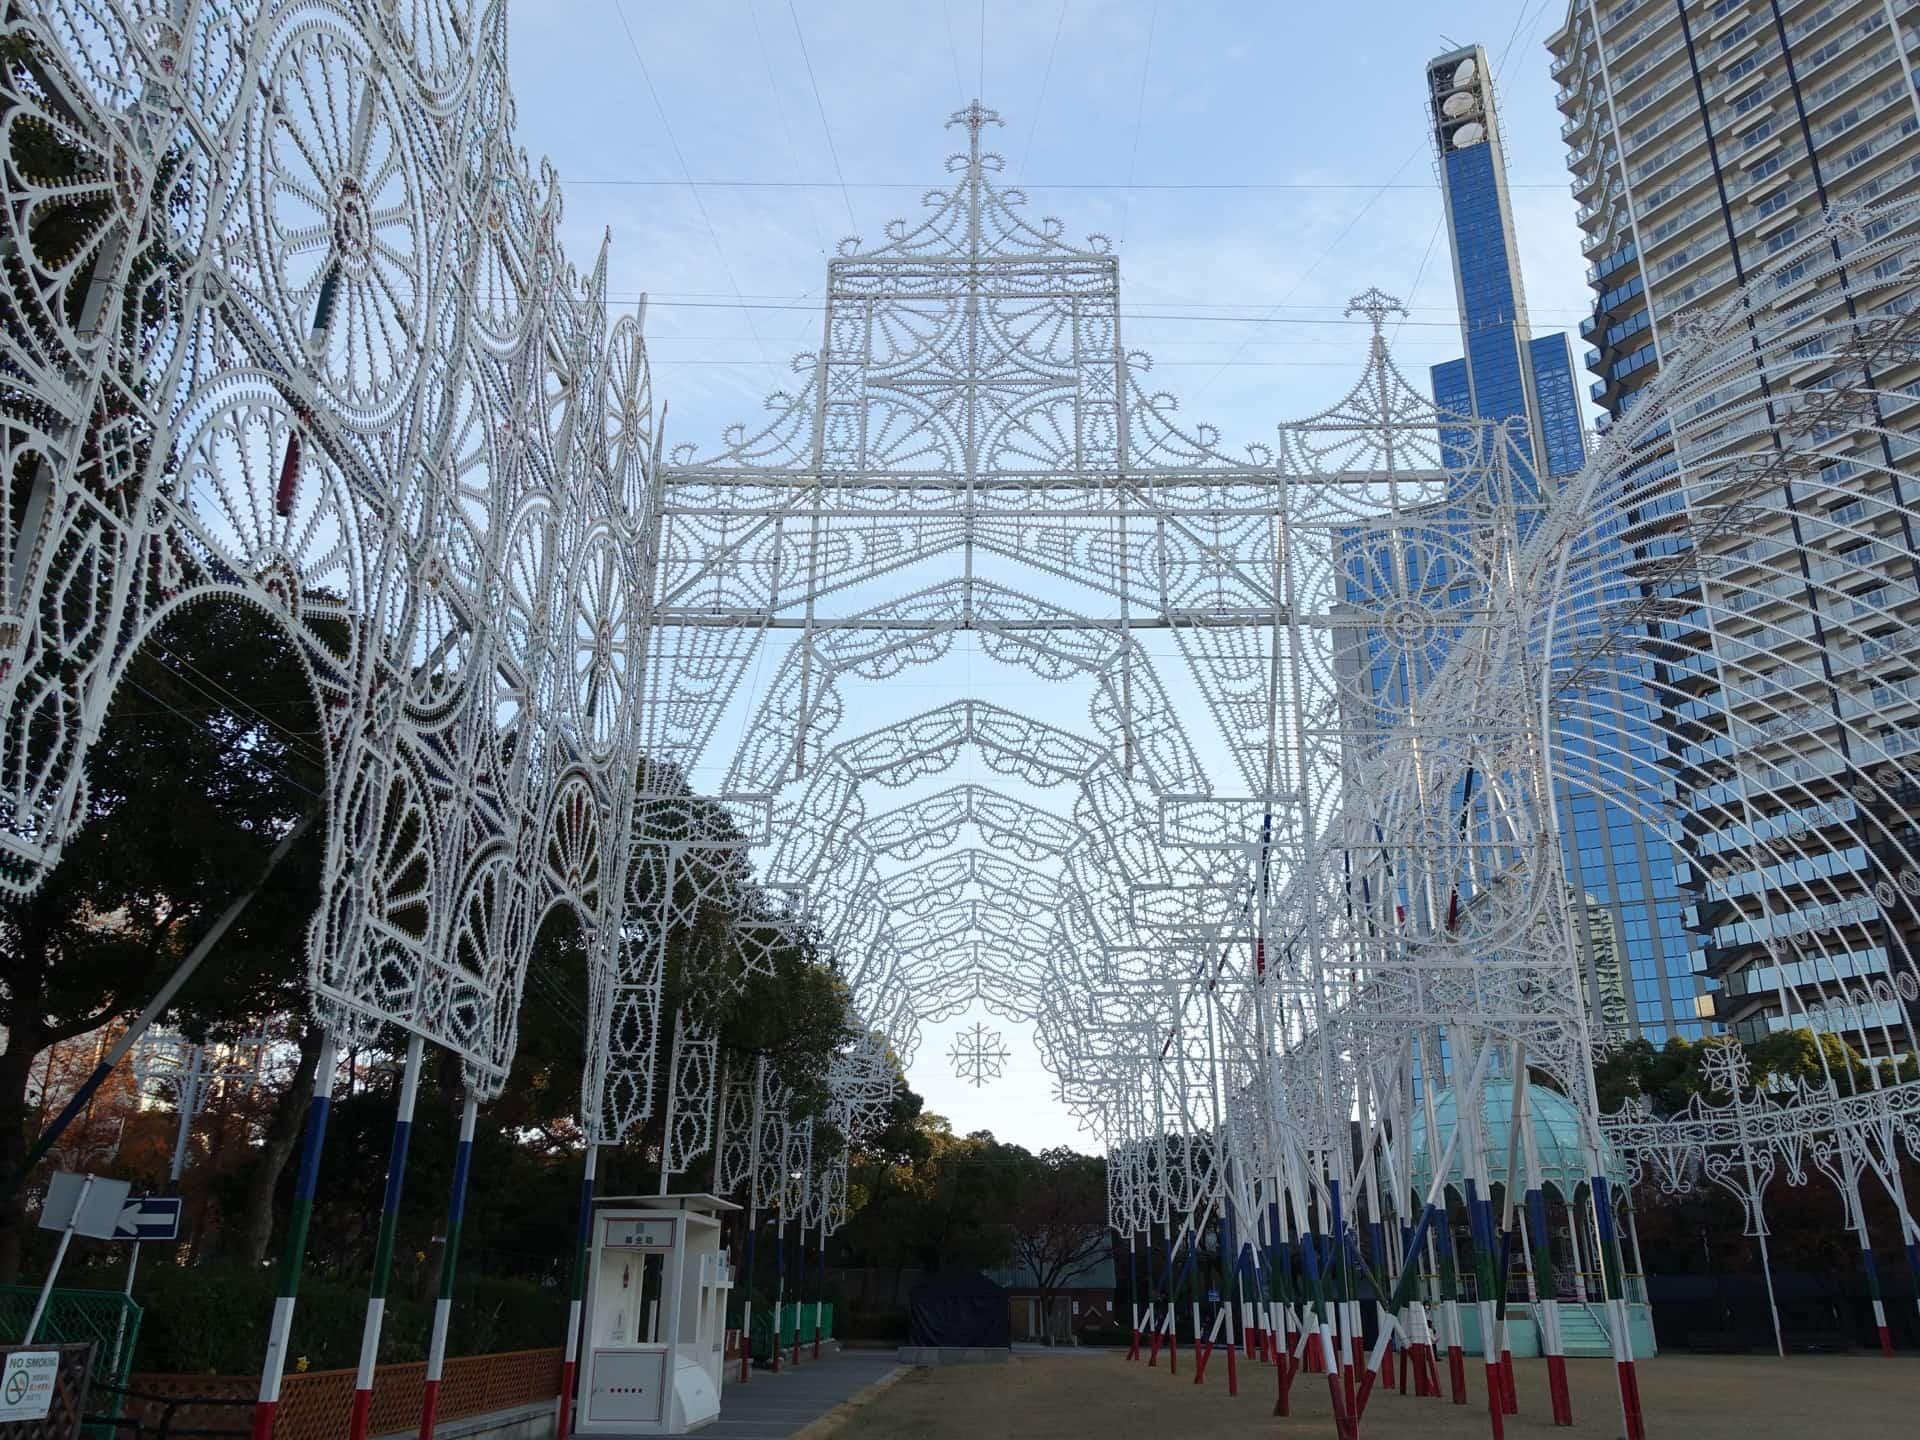 すべてわかる!「神戸ルミナリエ2017」の日程・アクセス・ホテルなどを詳しくチェック✔︎